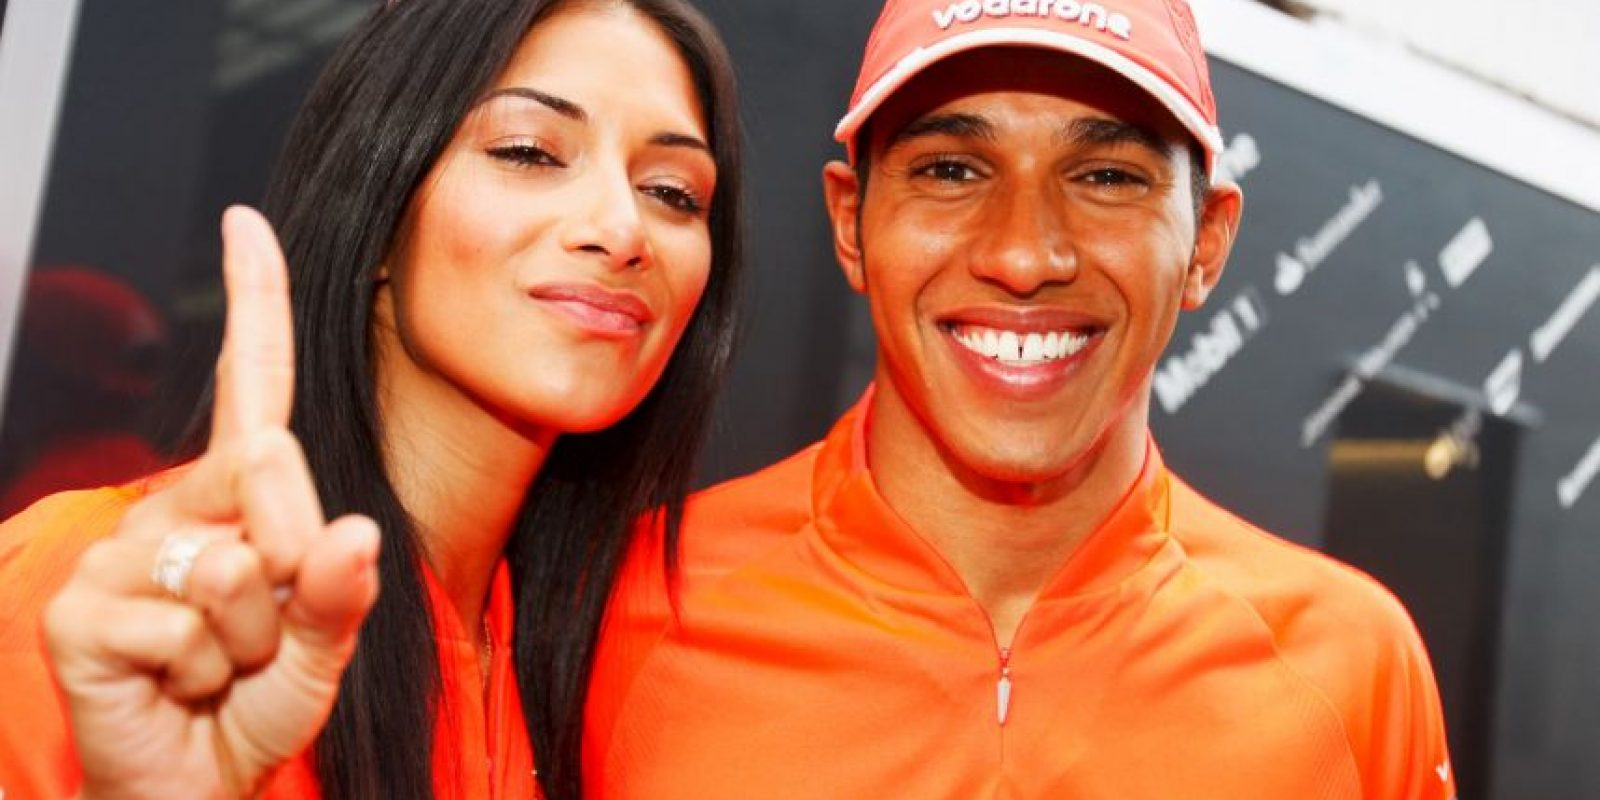 El 26 de julio de 2009 vuelve a triunfar en Hungría. Aquí celebra con su novia, Nicole Scherzinger Foto:Getty Images